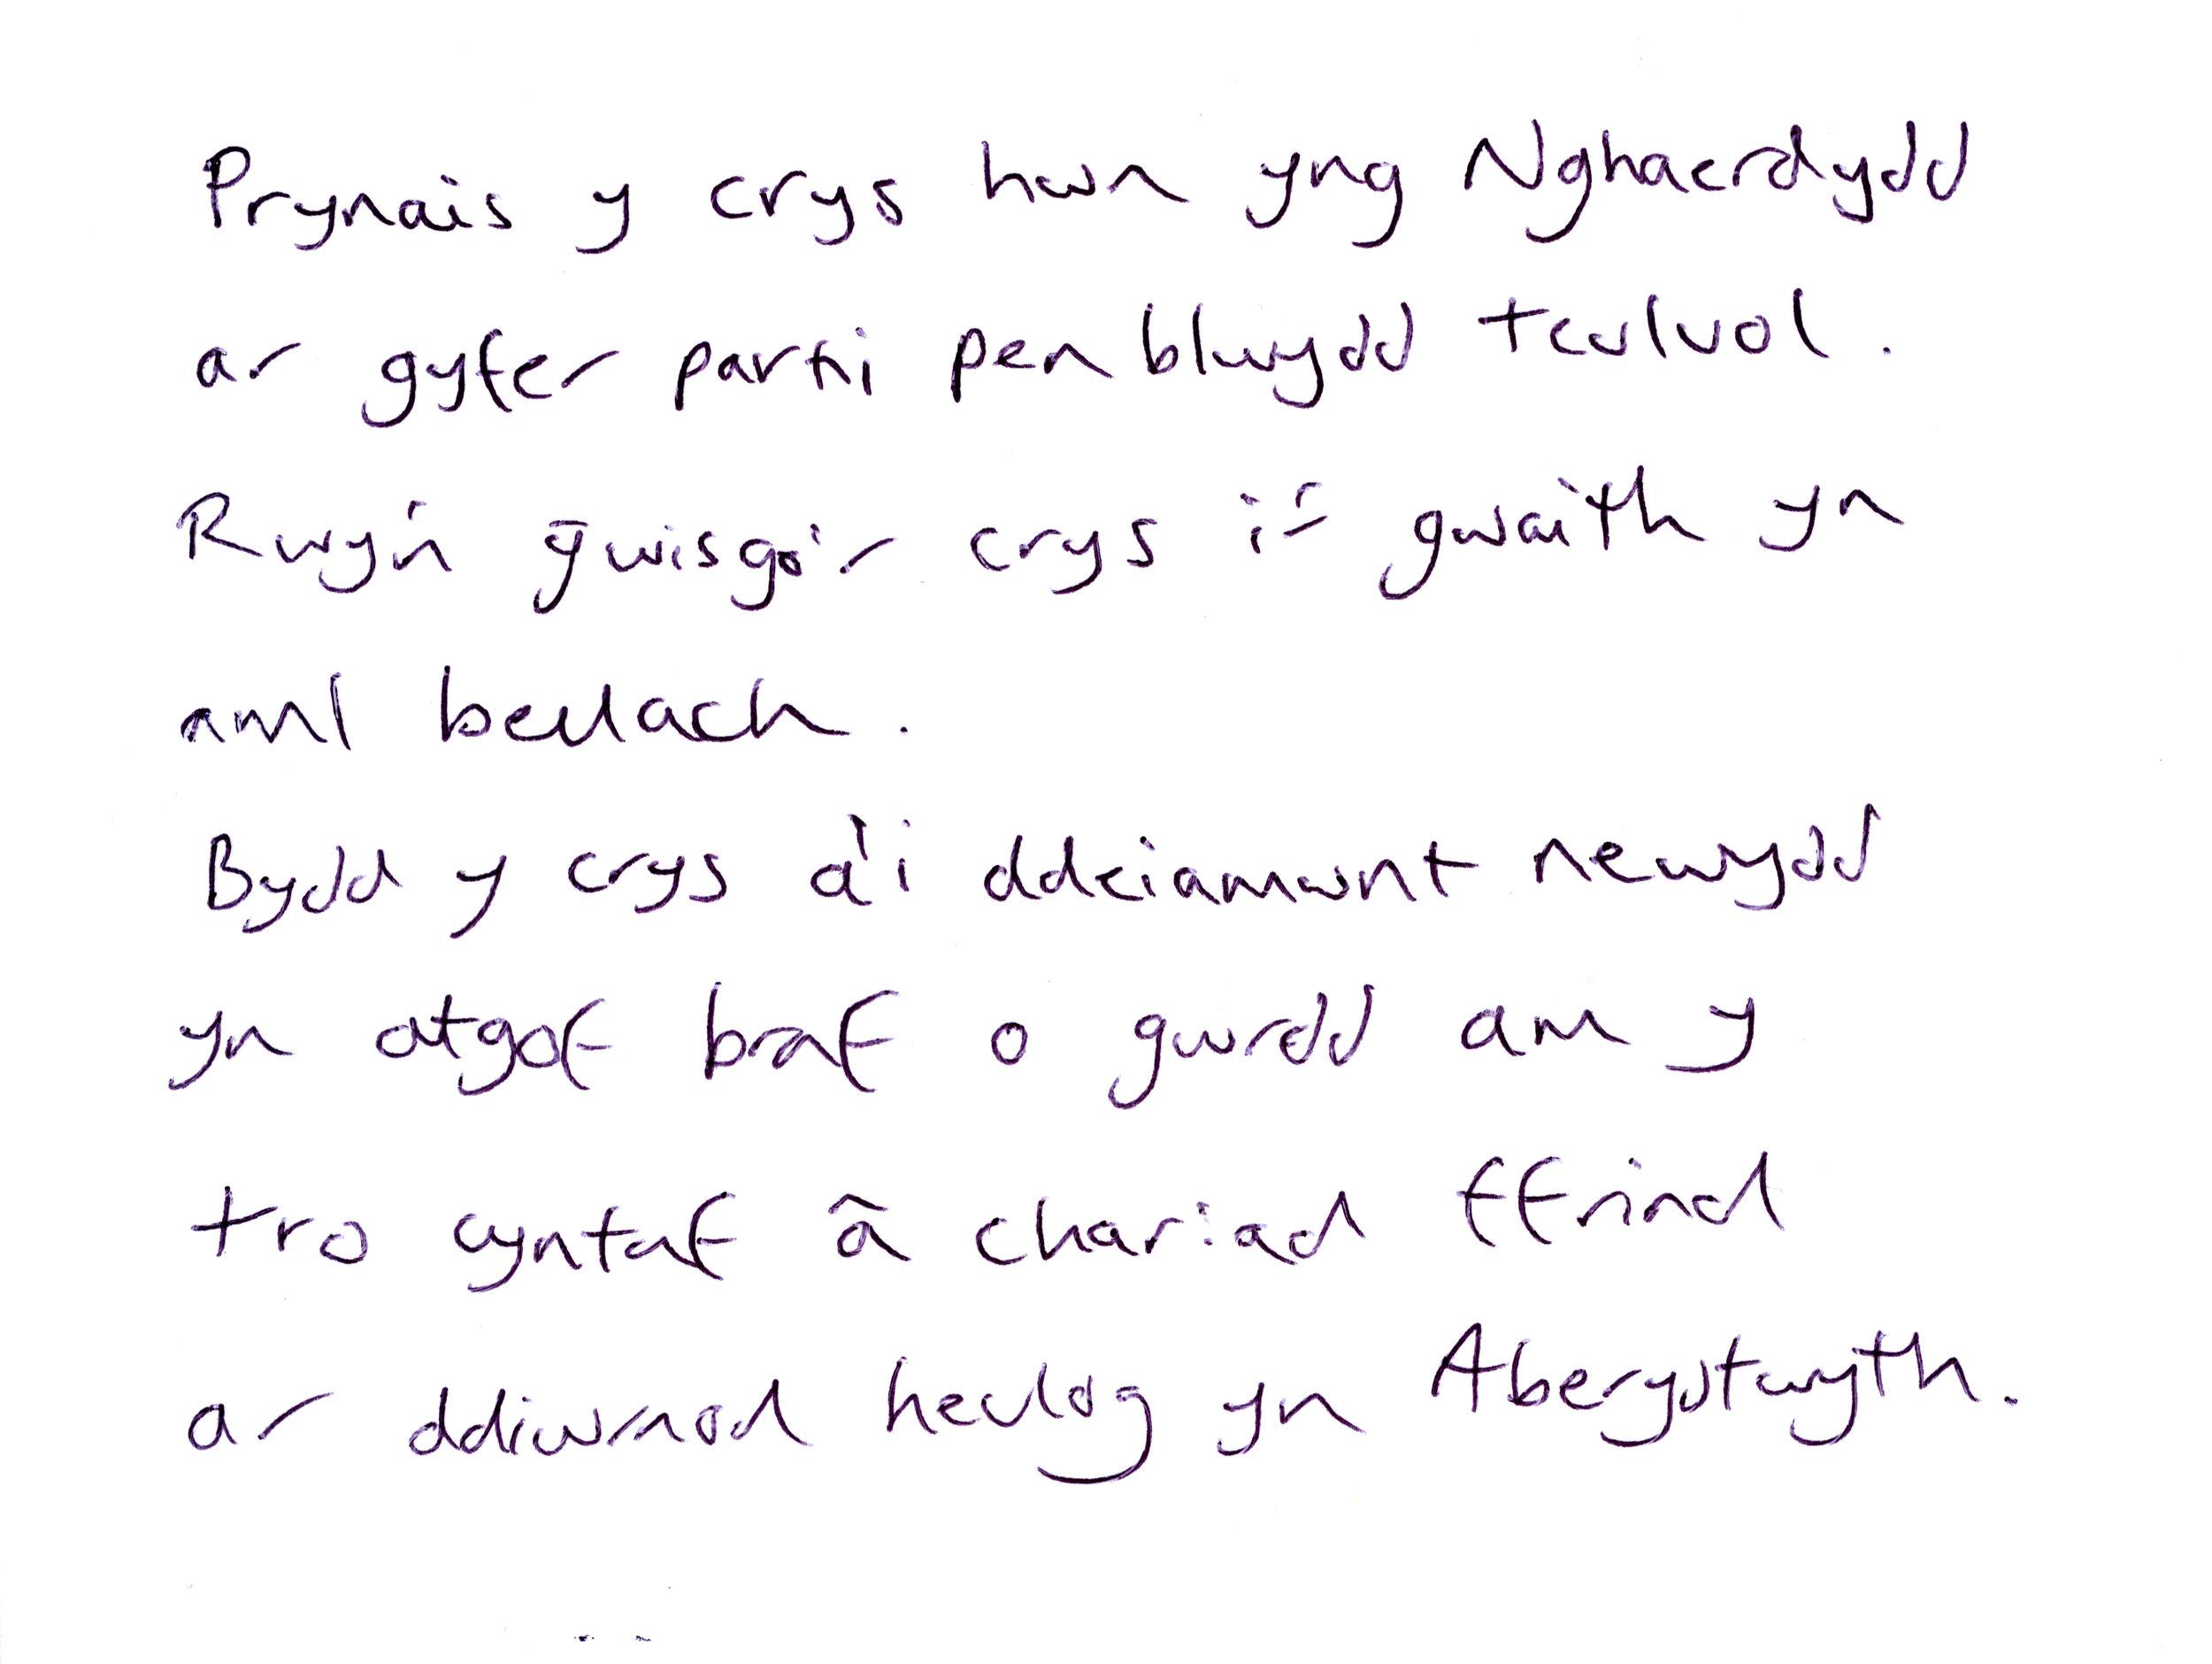 304_Ap_Dafydd_text.jpg